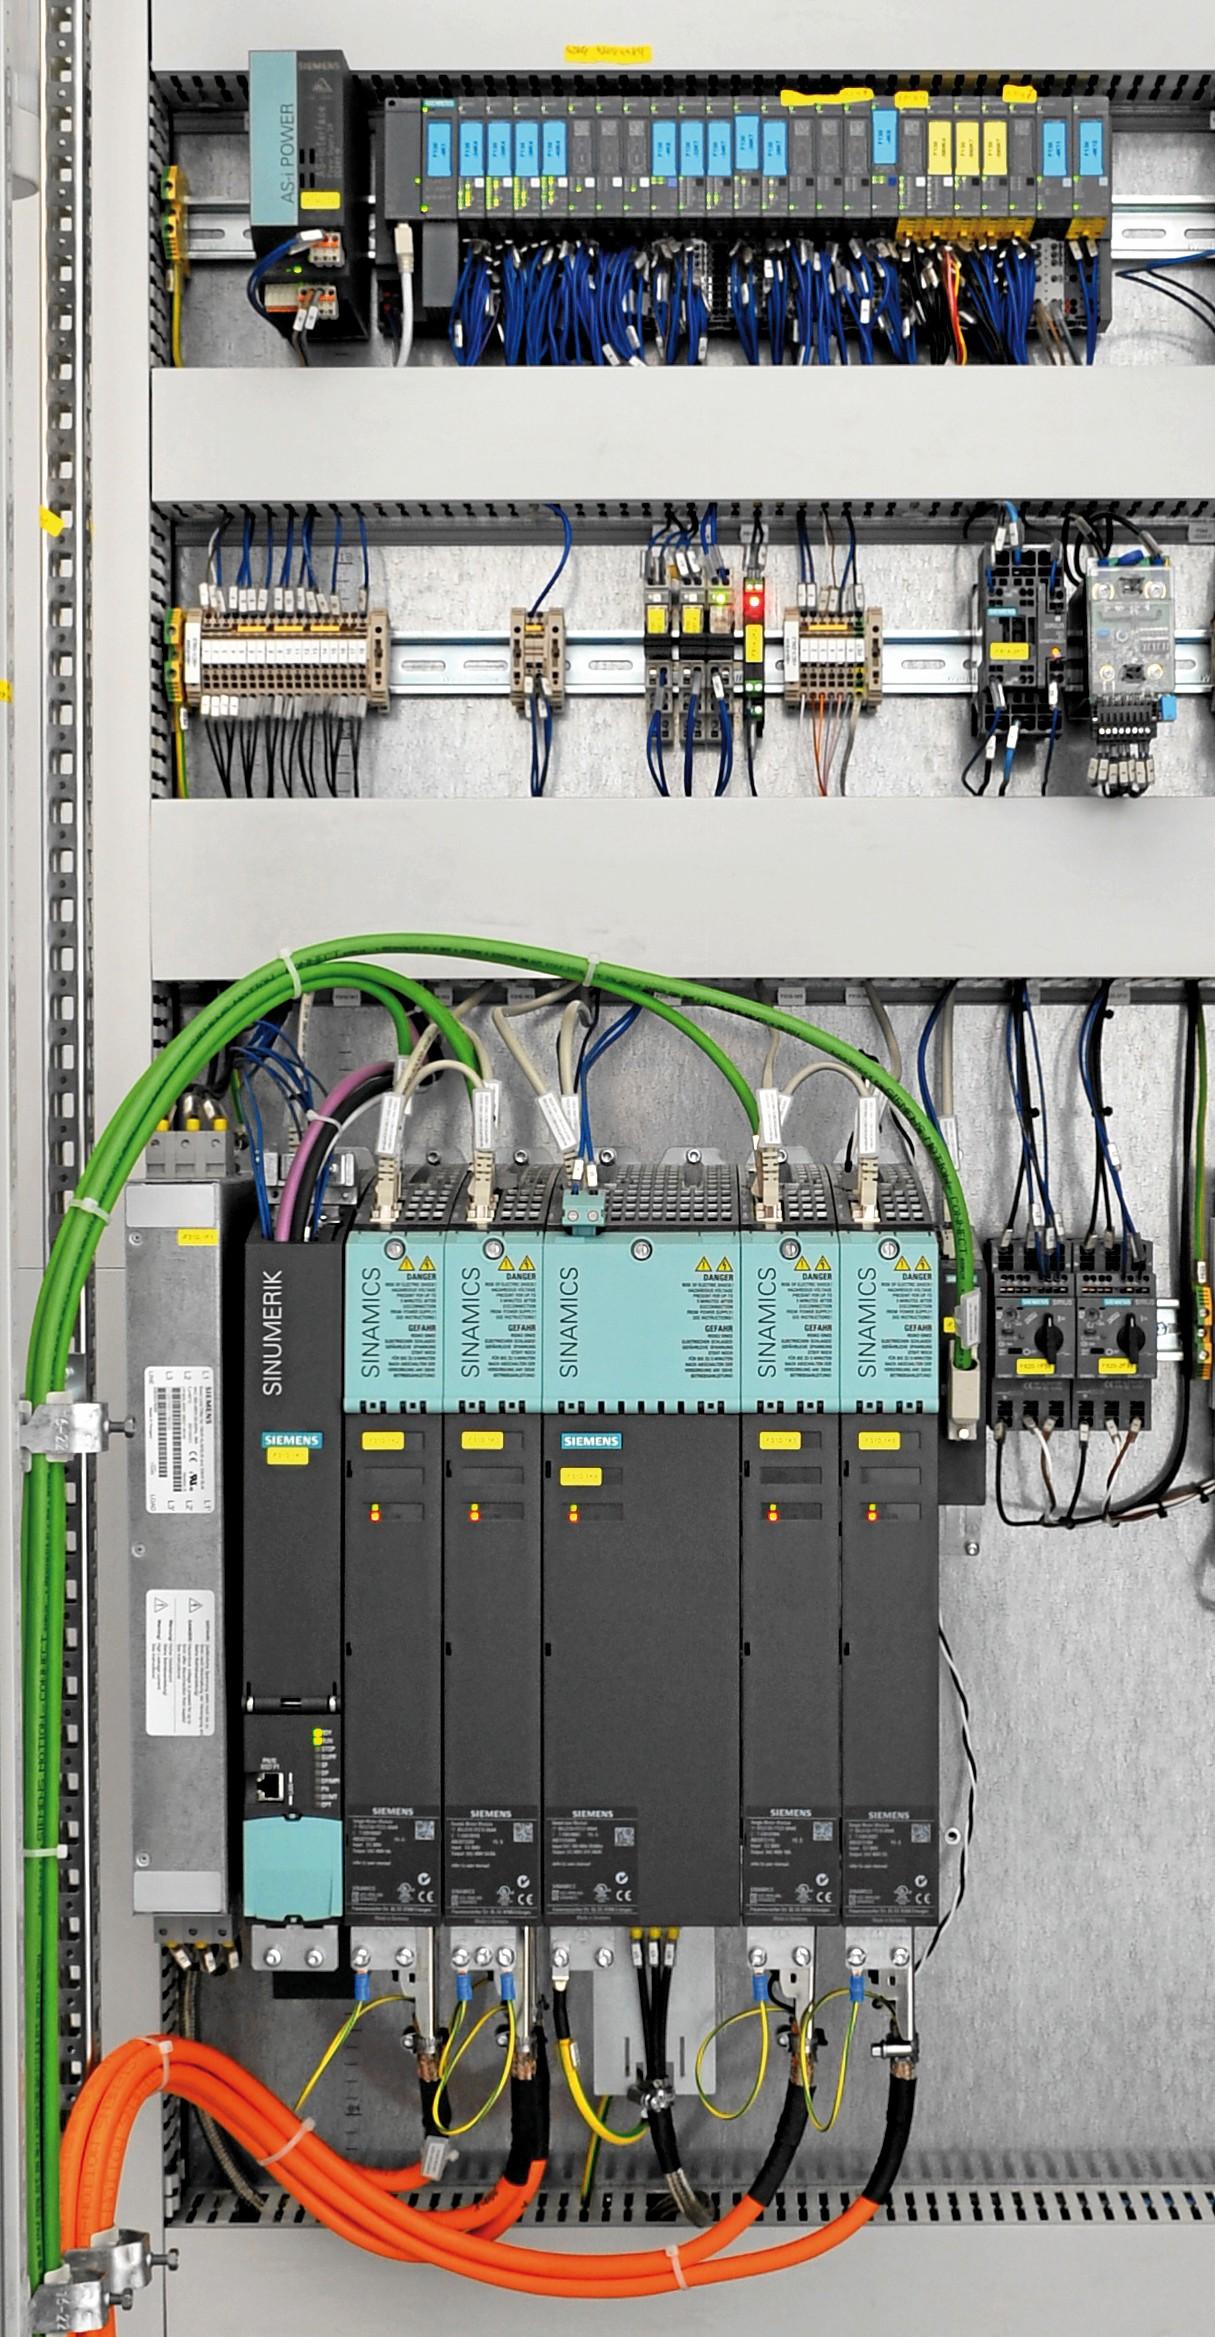 Bild 3: Kernkomponenten der Automatisierung sind eine CNC-Steuerung Sinumerik 840D sl, das modulare Umrichtersystem Sinamics S120 und dezentrale Peripherie Simatic ET200SP (oben) von Siemens. (Bild: Broetje-Automation)